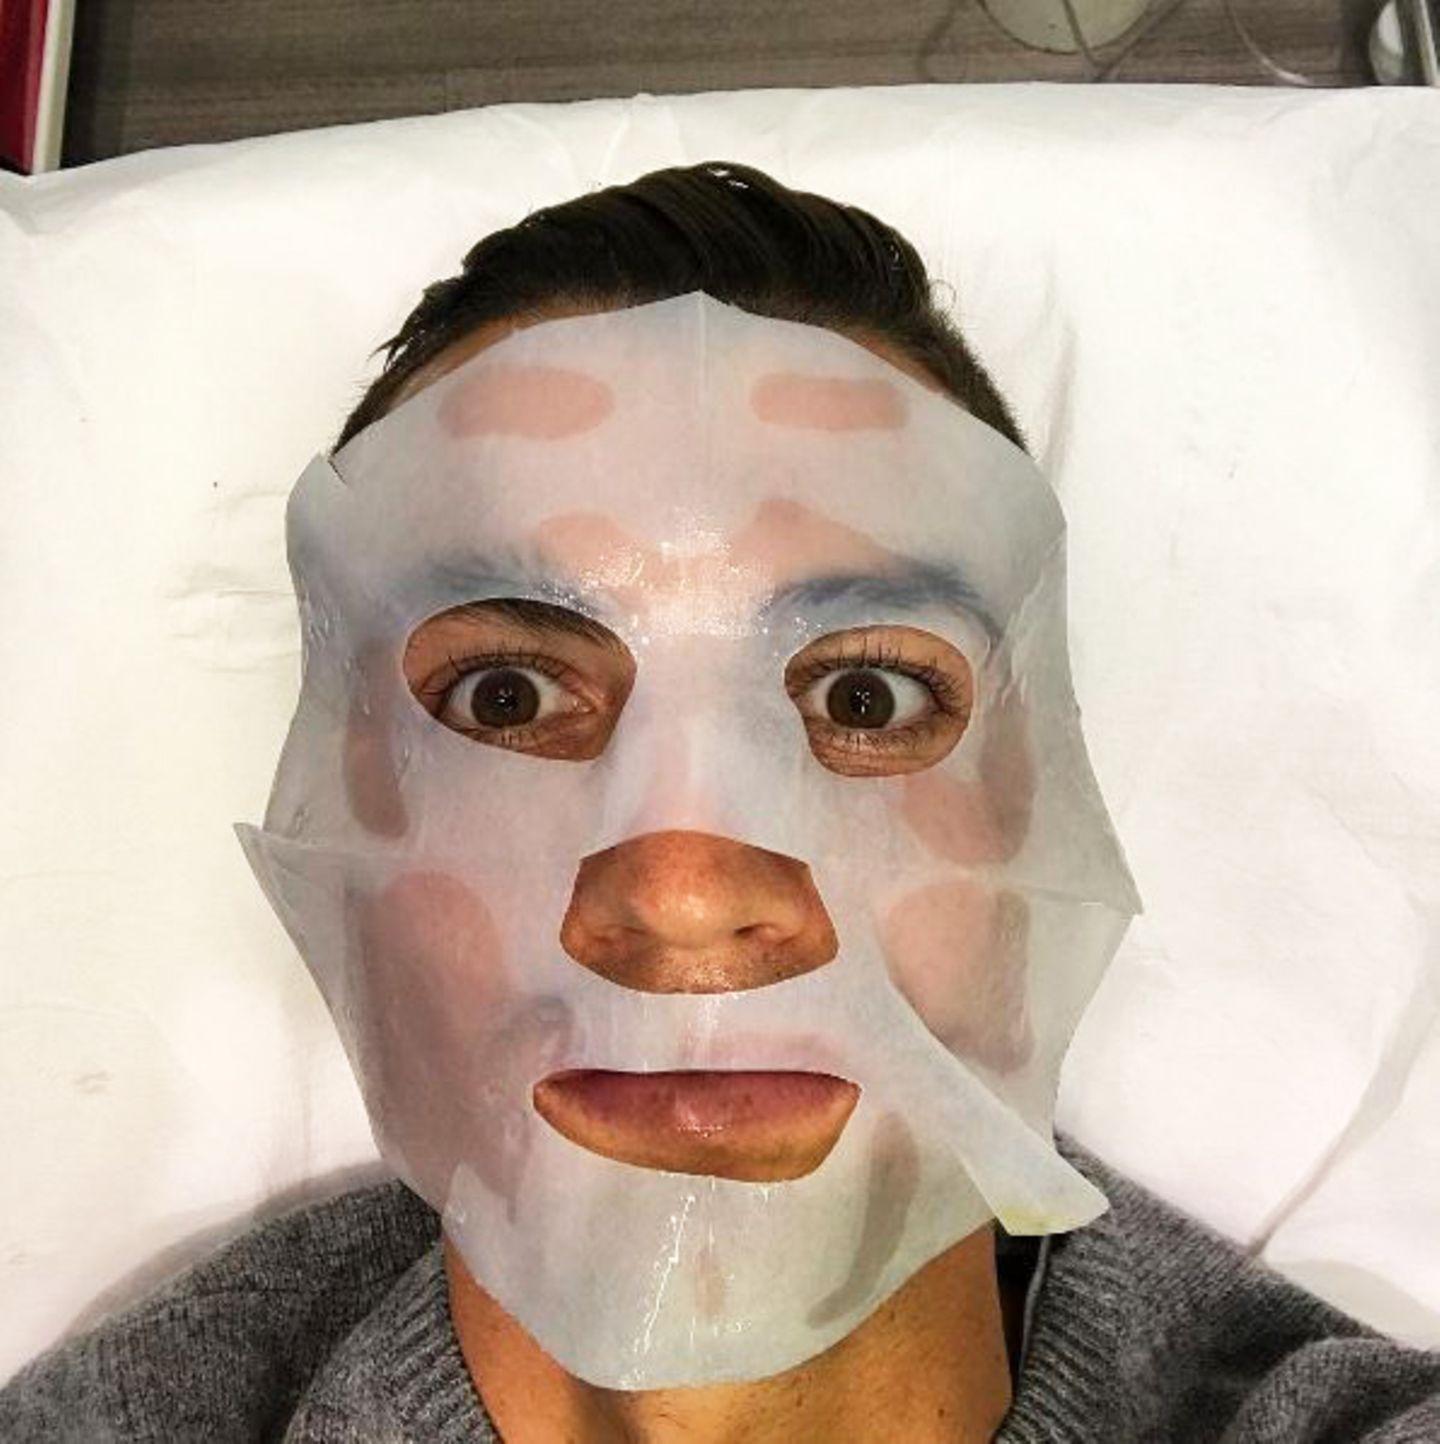 Fußball-Star Cristiano Ronaldo hat offensichtlich nicht nur einen strengen Fitness-Plan, sondern auch einen hohen Anspruch was Hautpflege anbelangt.